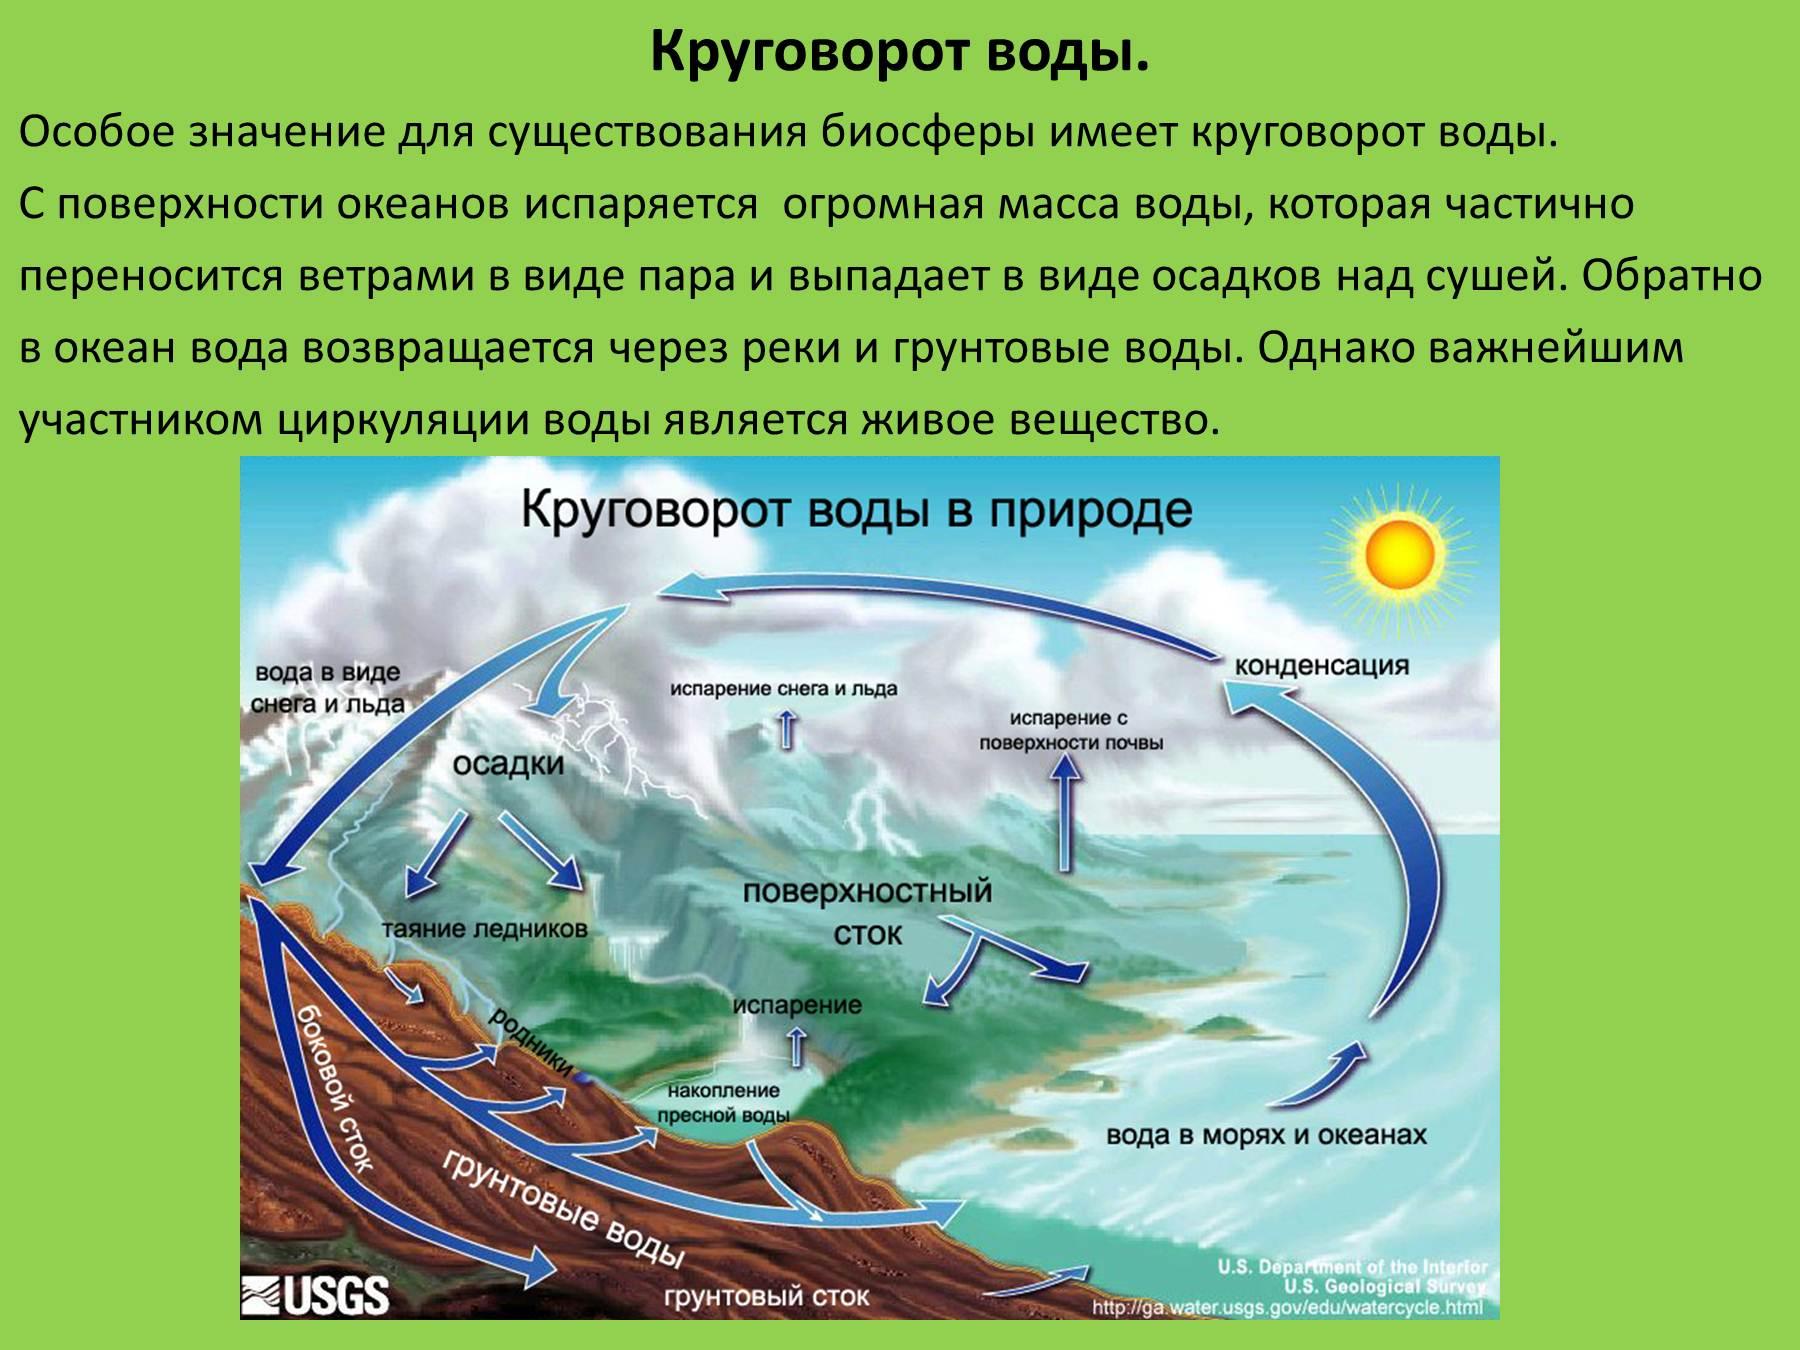 Схема круговорот воды в биосфере